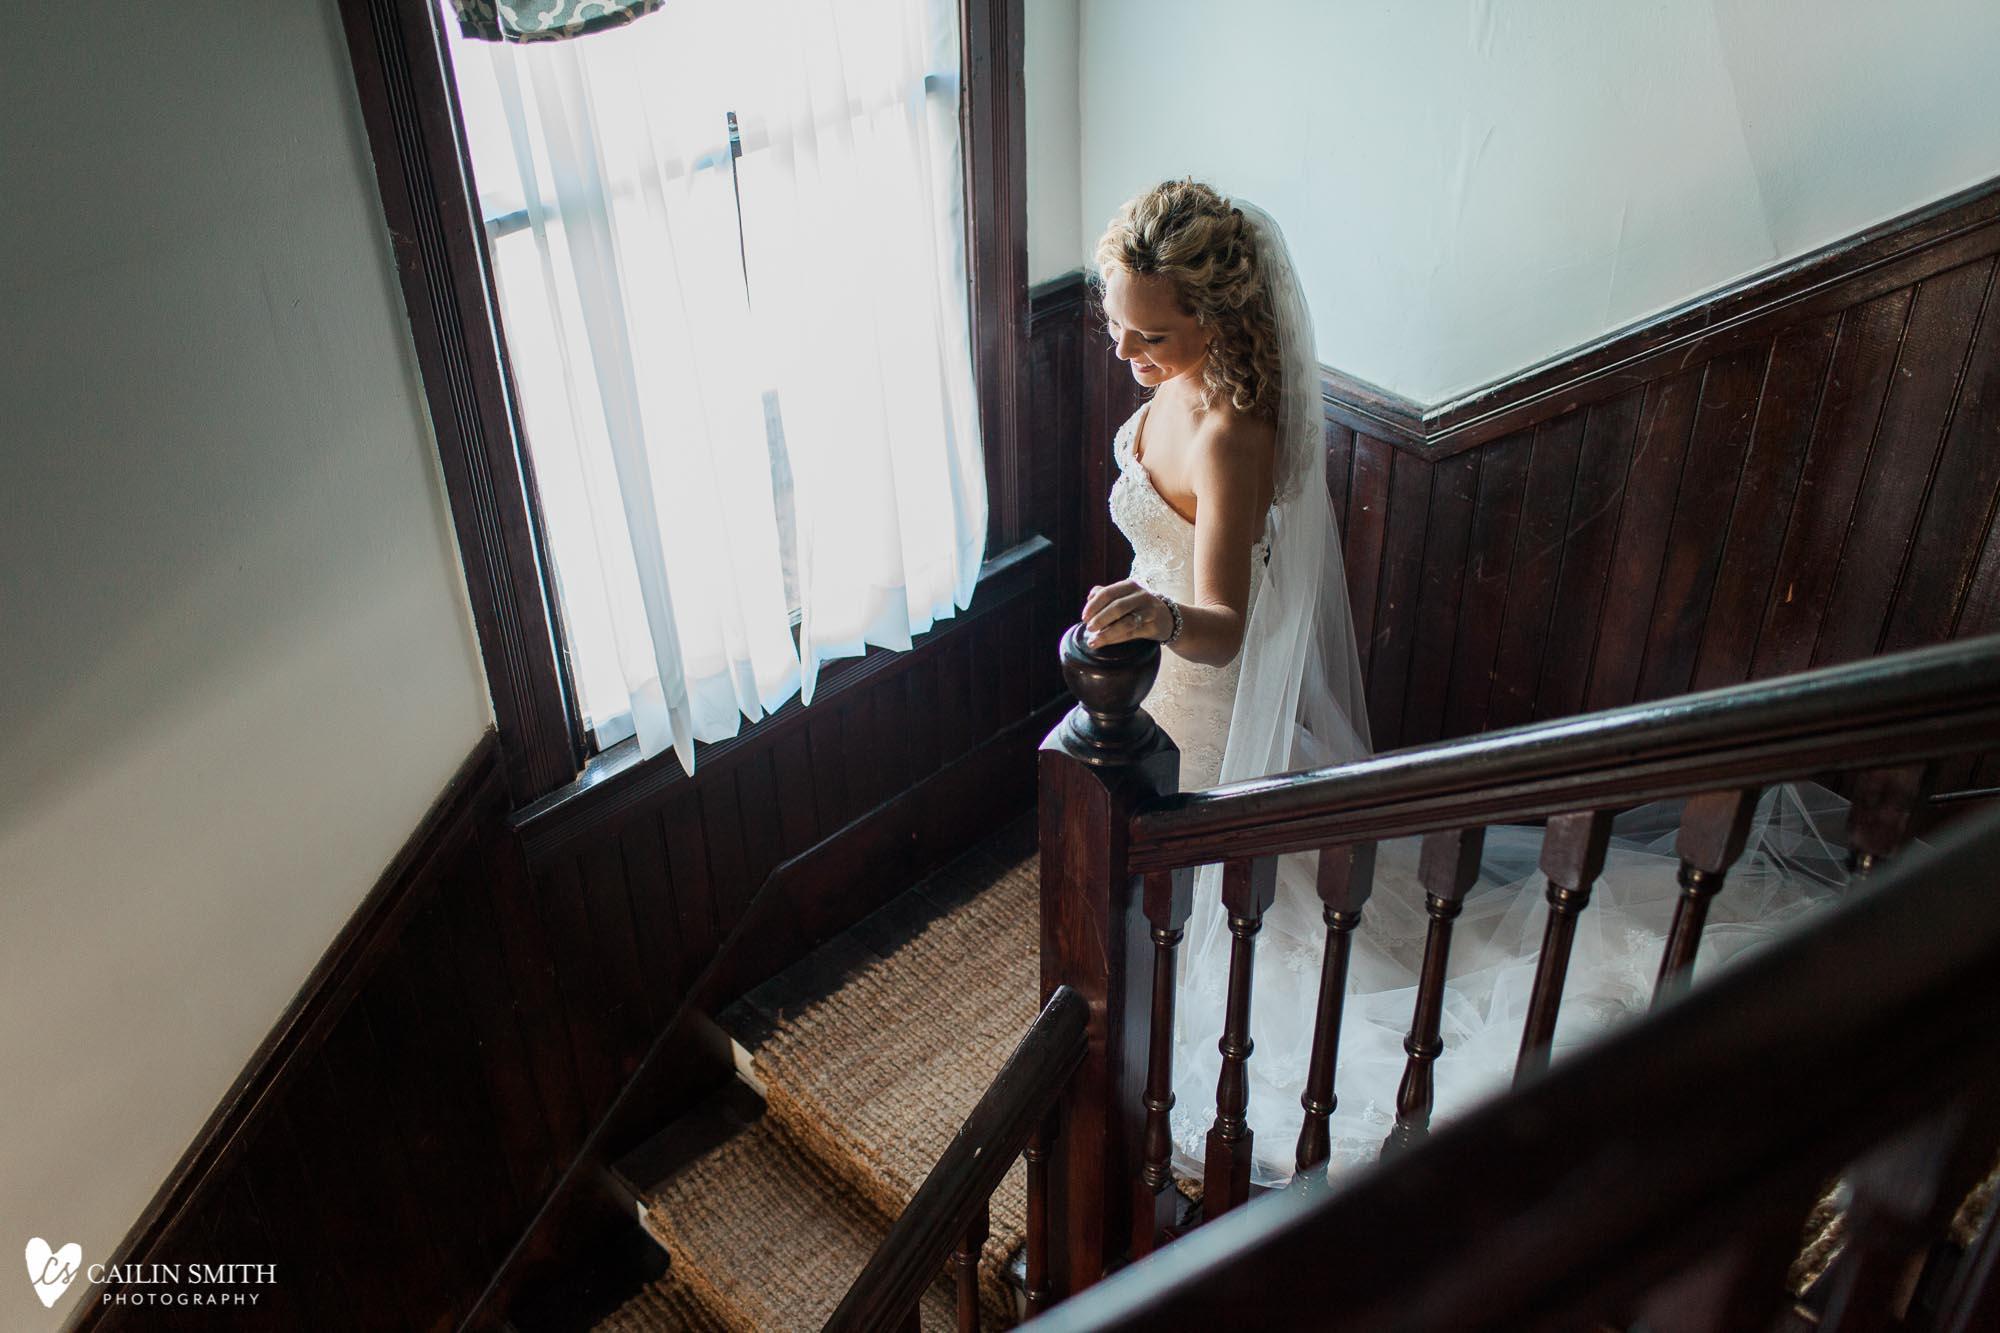 Leah_Major_St_Marys_Wedding_Photography_019.jpg